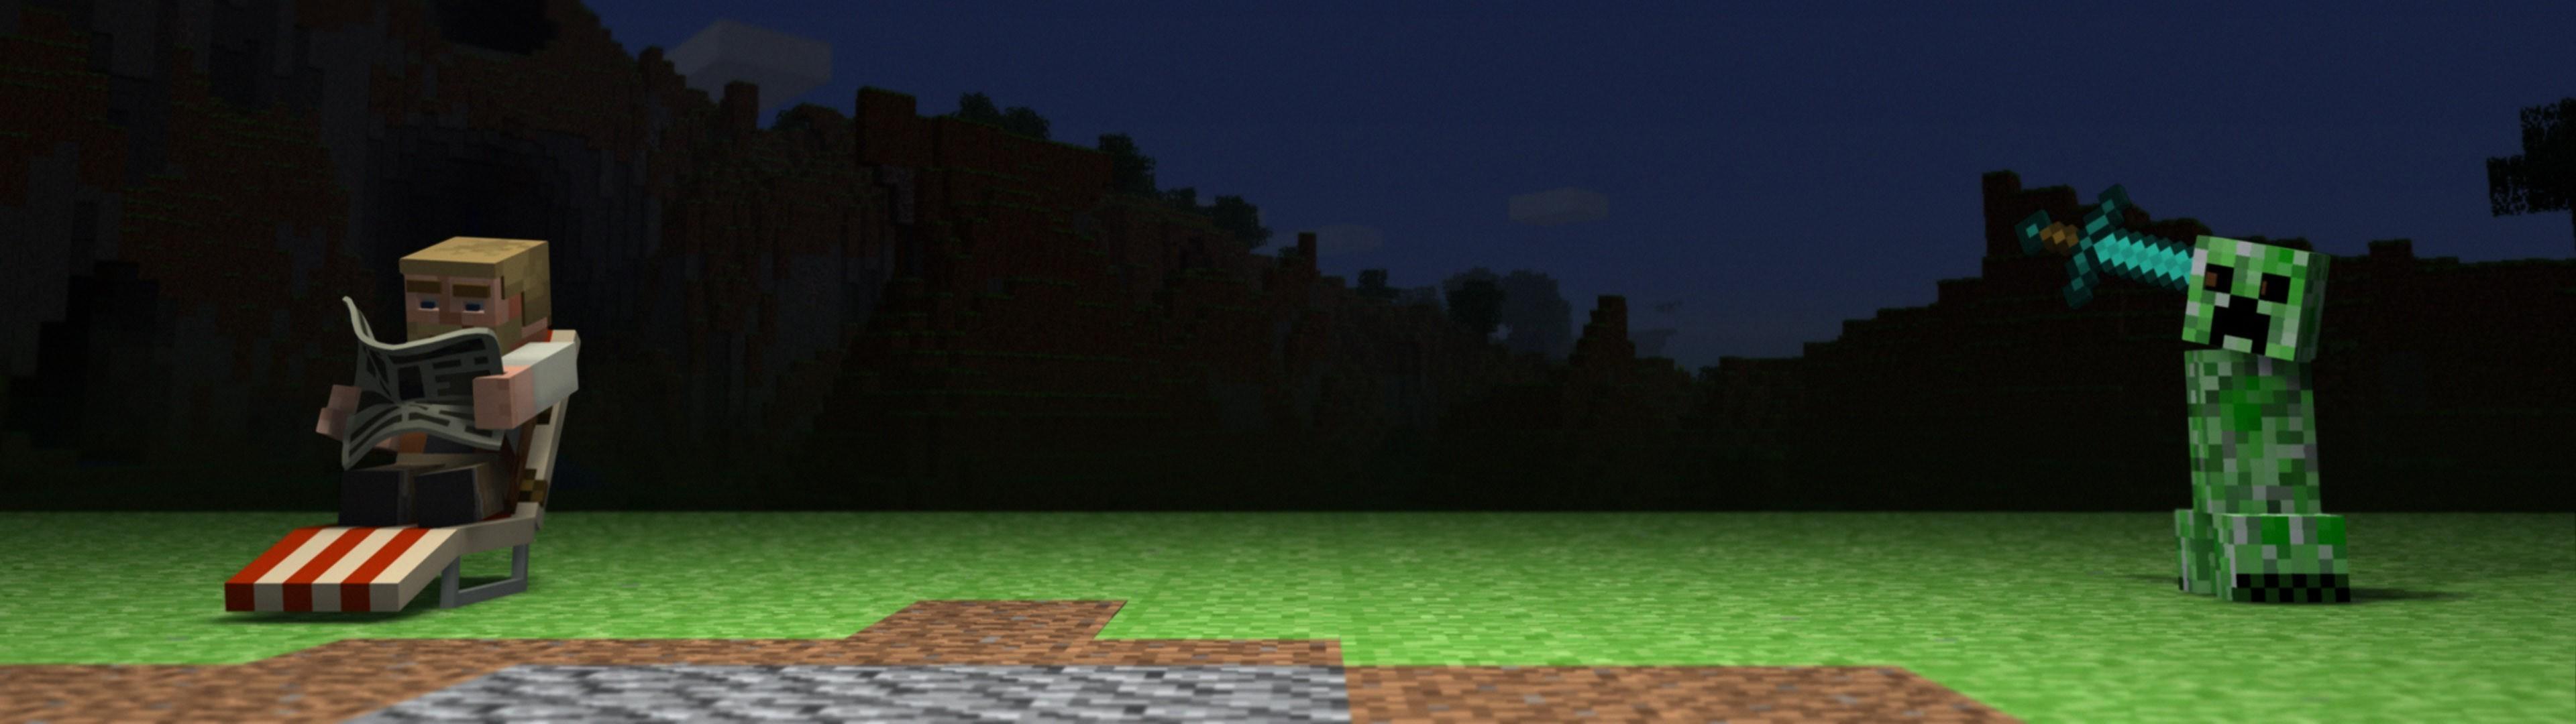 デスクトップ壁紙 マインクラフト 地形 ゲーム スクリーンショット 3840x1080 Px 生態系 3840x1080 Wallhaven デスクトップ壁紙 Wallhere